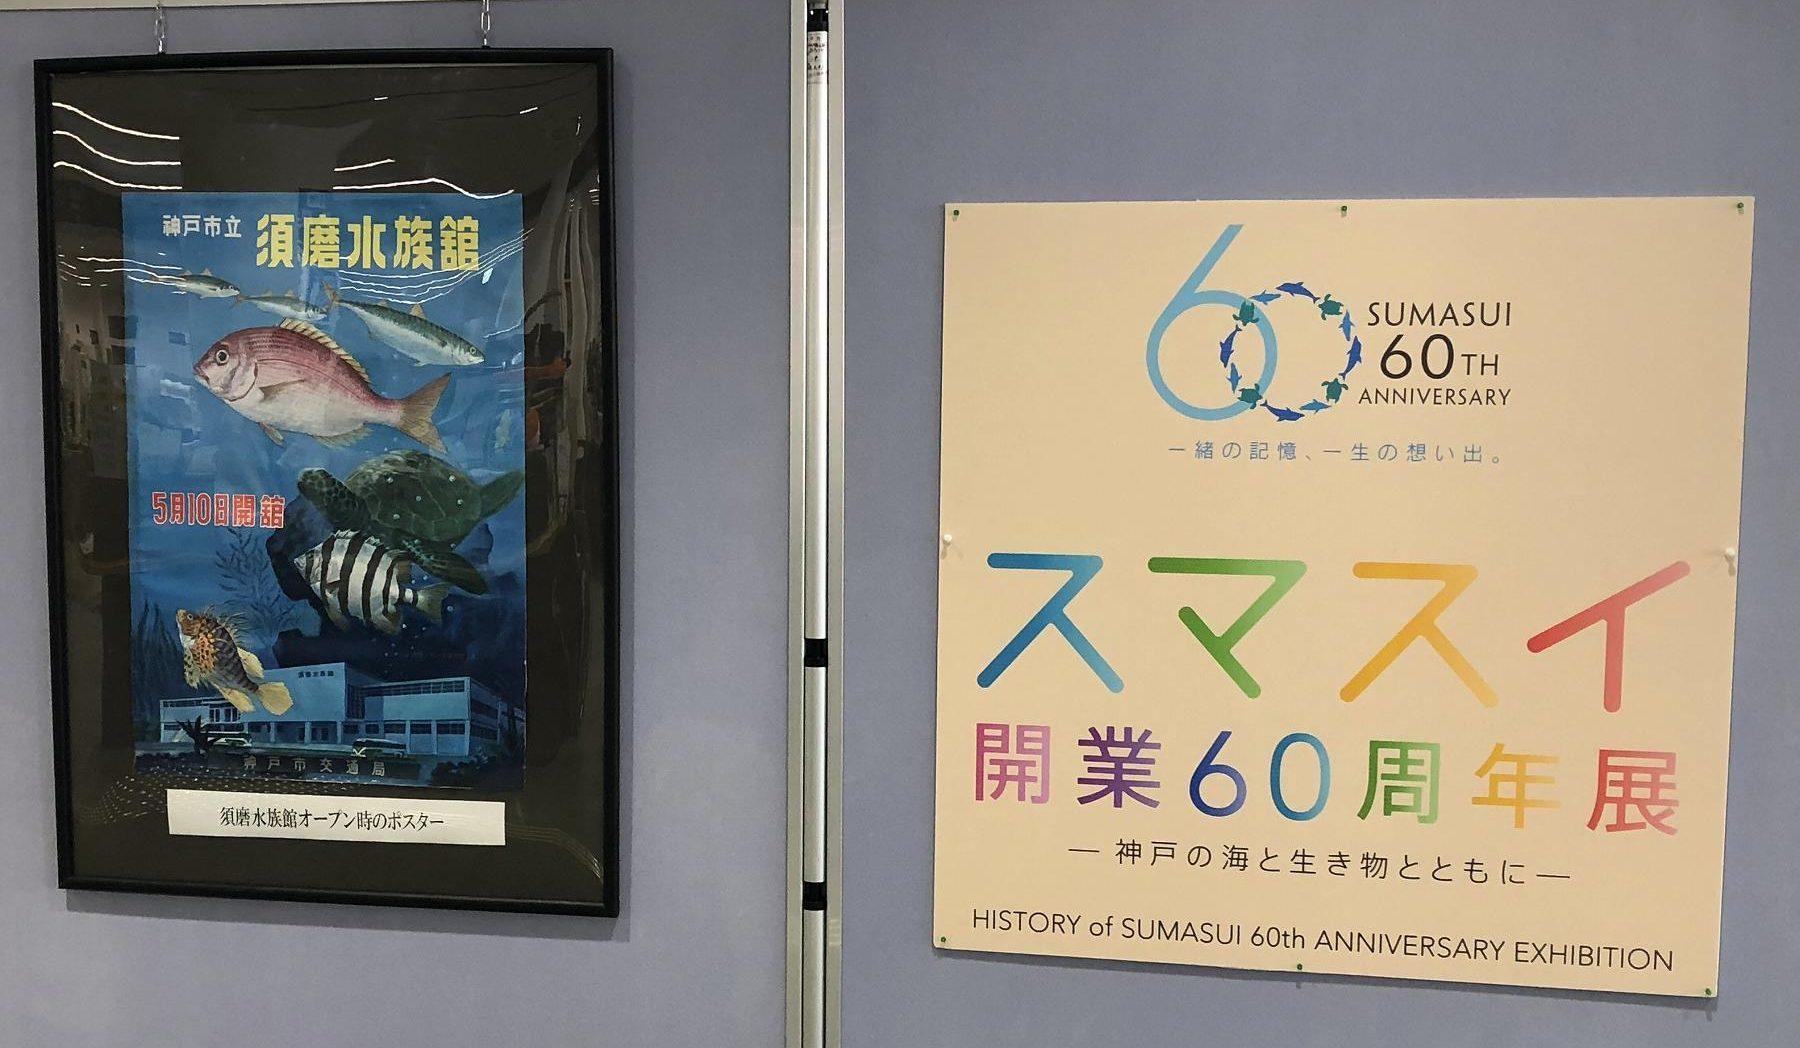 神戸・須磨区役所に「うみがめ」がやってきたので、会いに行ってきた! #須磨区役所 #神戸市立須磨海浜水族園 #スマスイ #うみがめ #須磨区